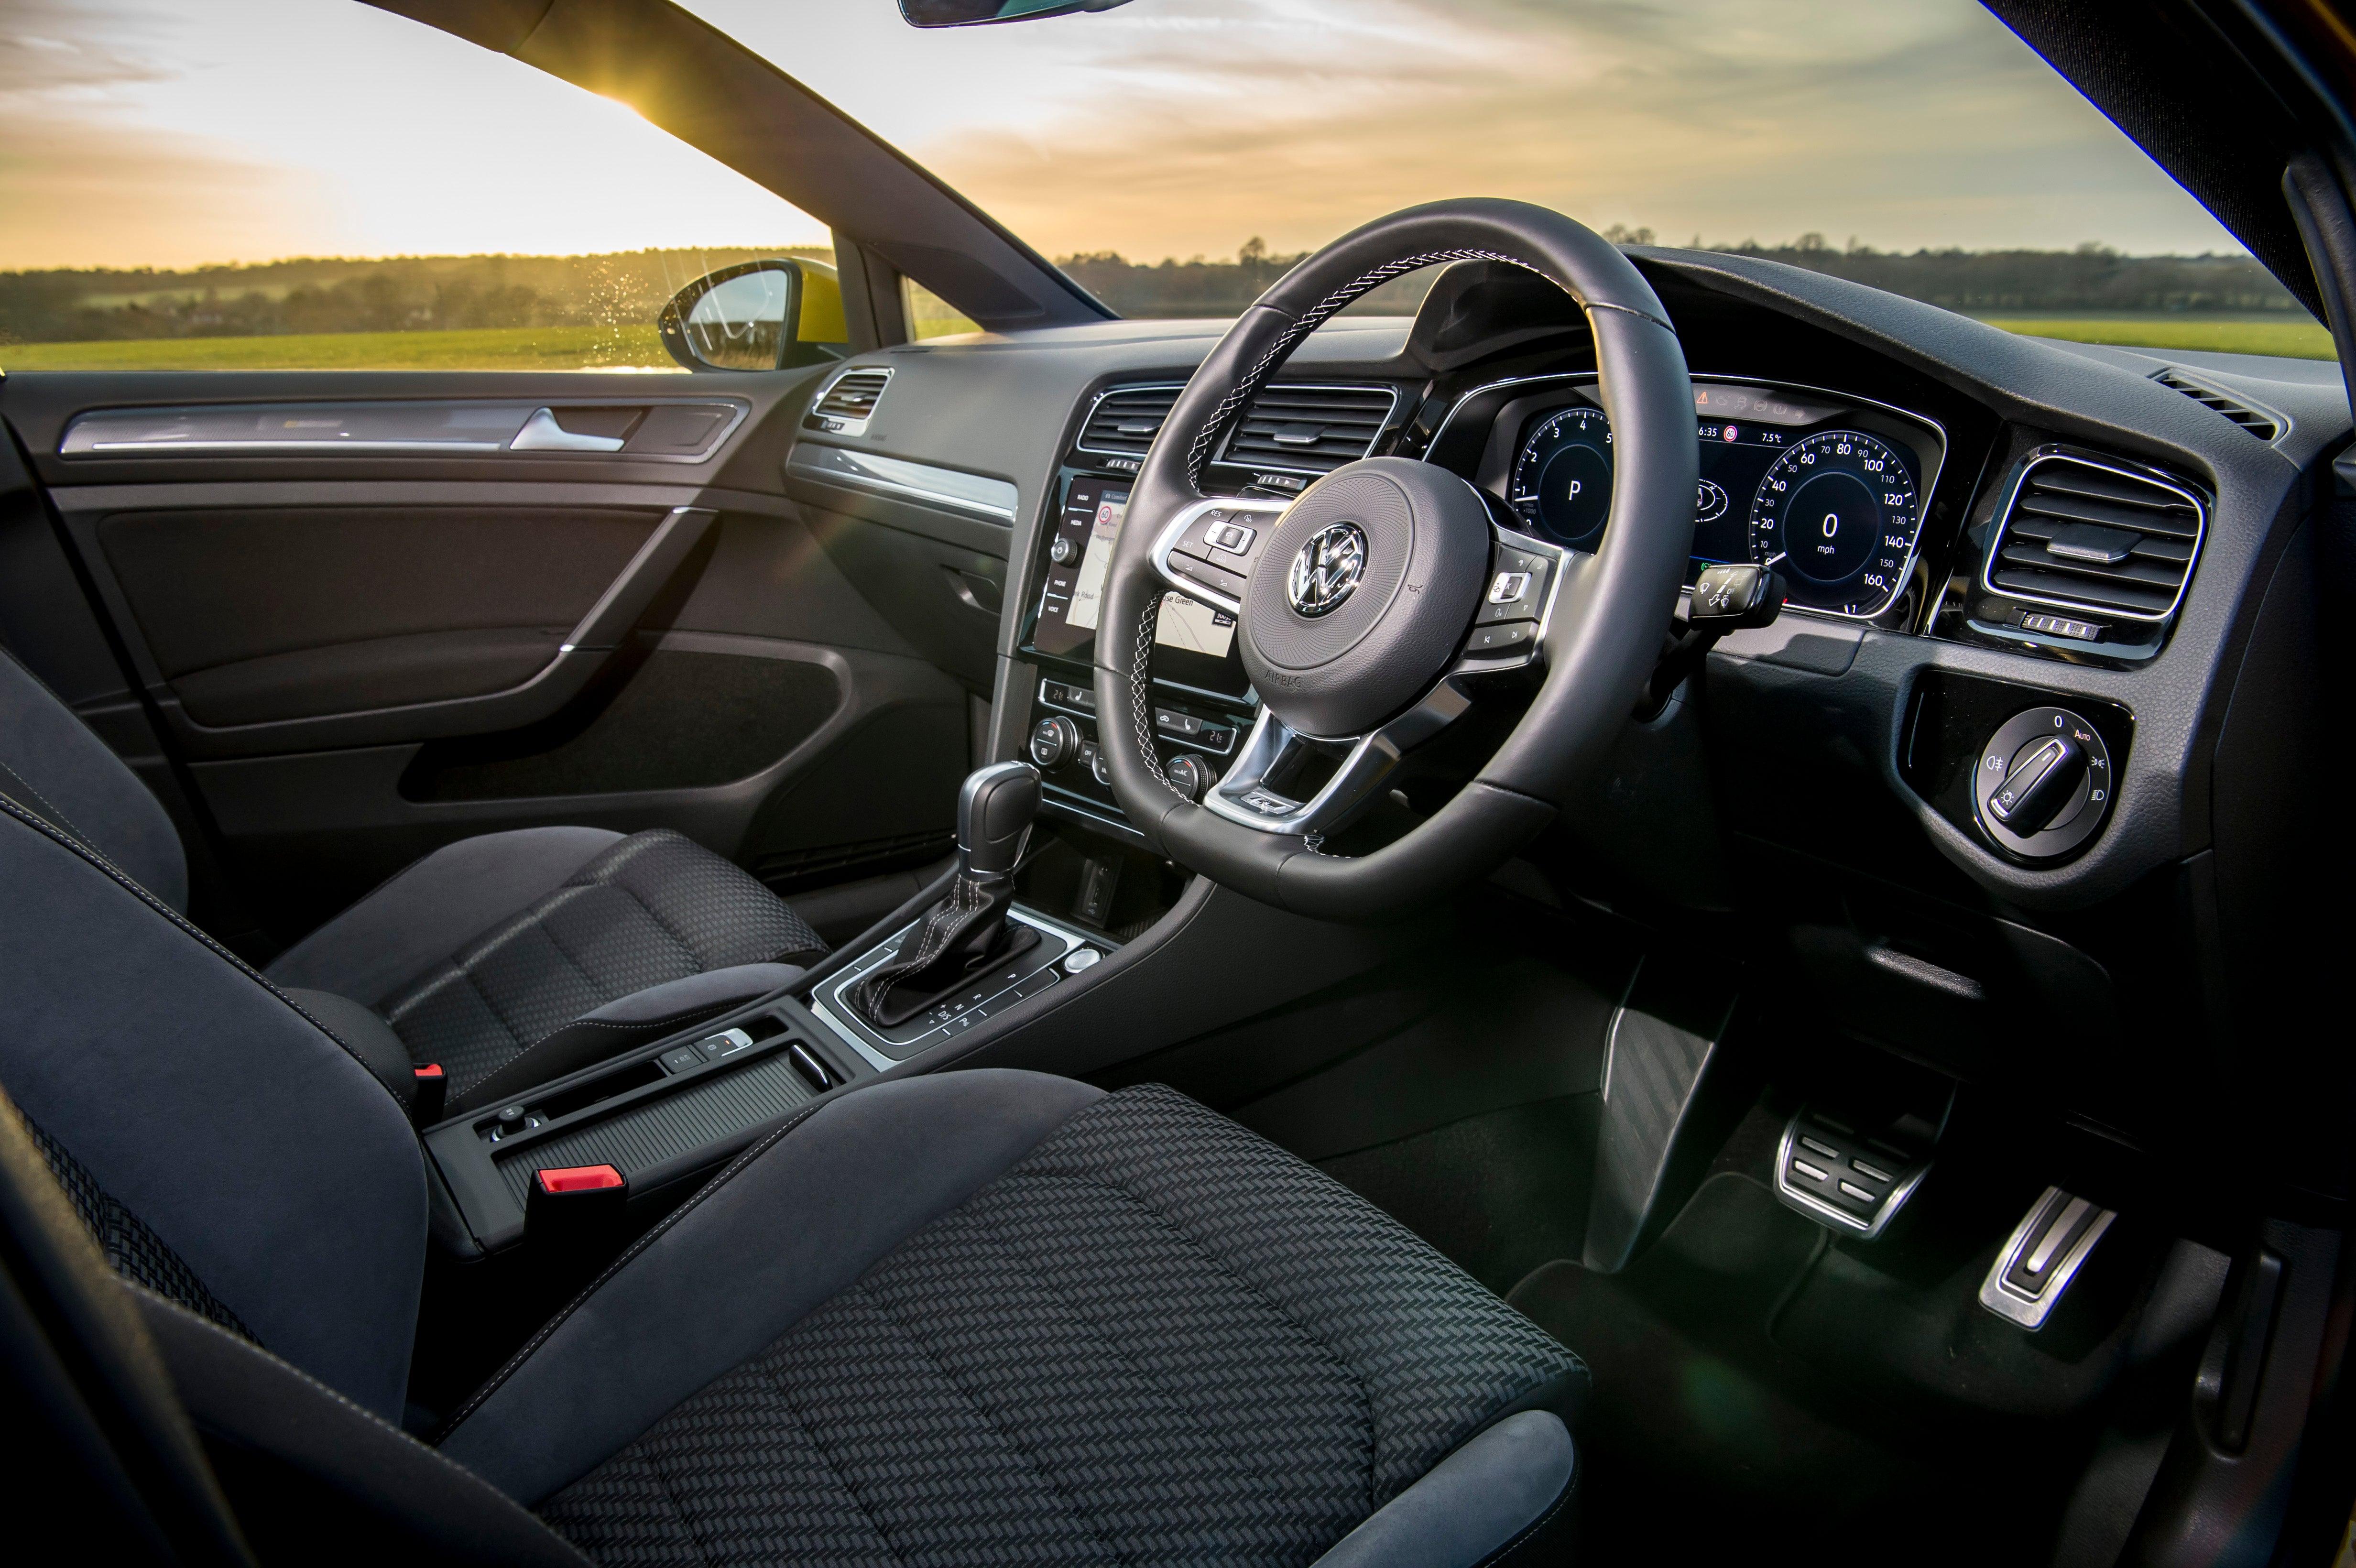 Volkswagen Golf Front Interior